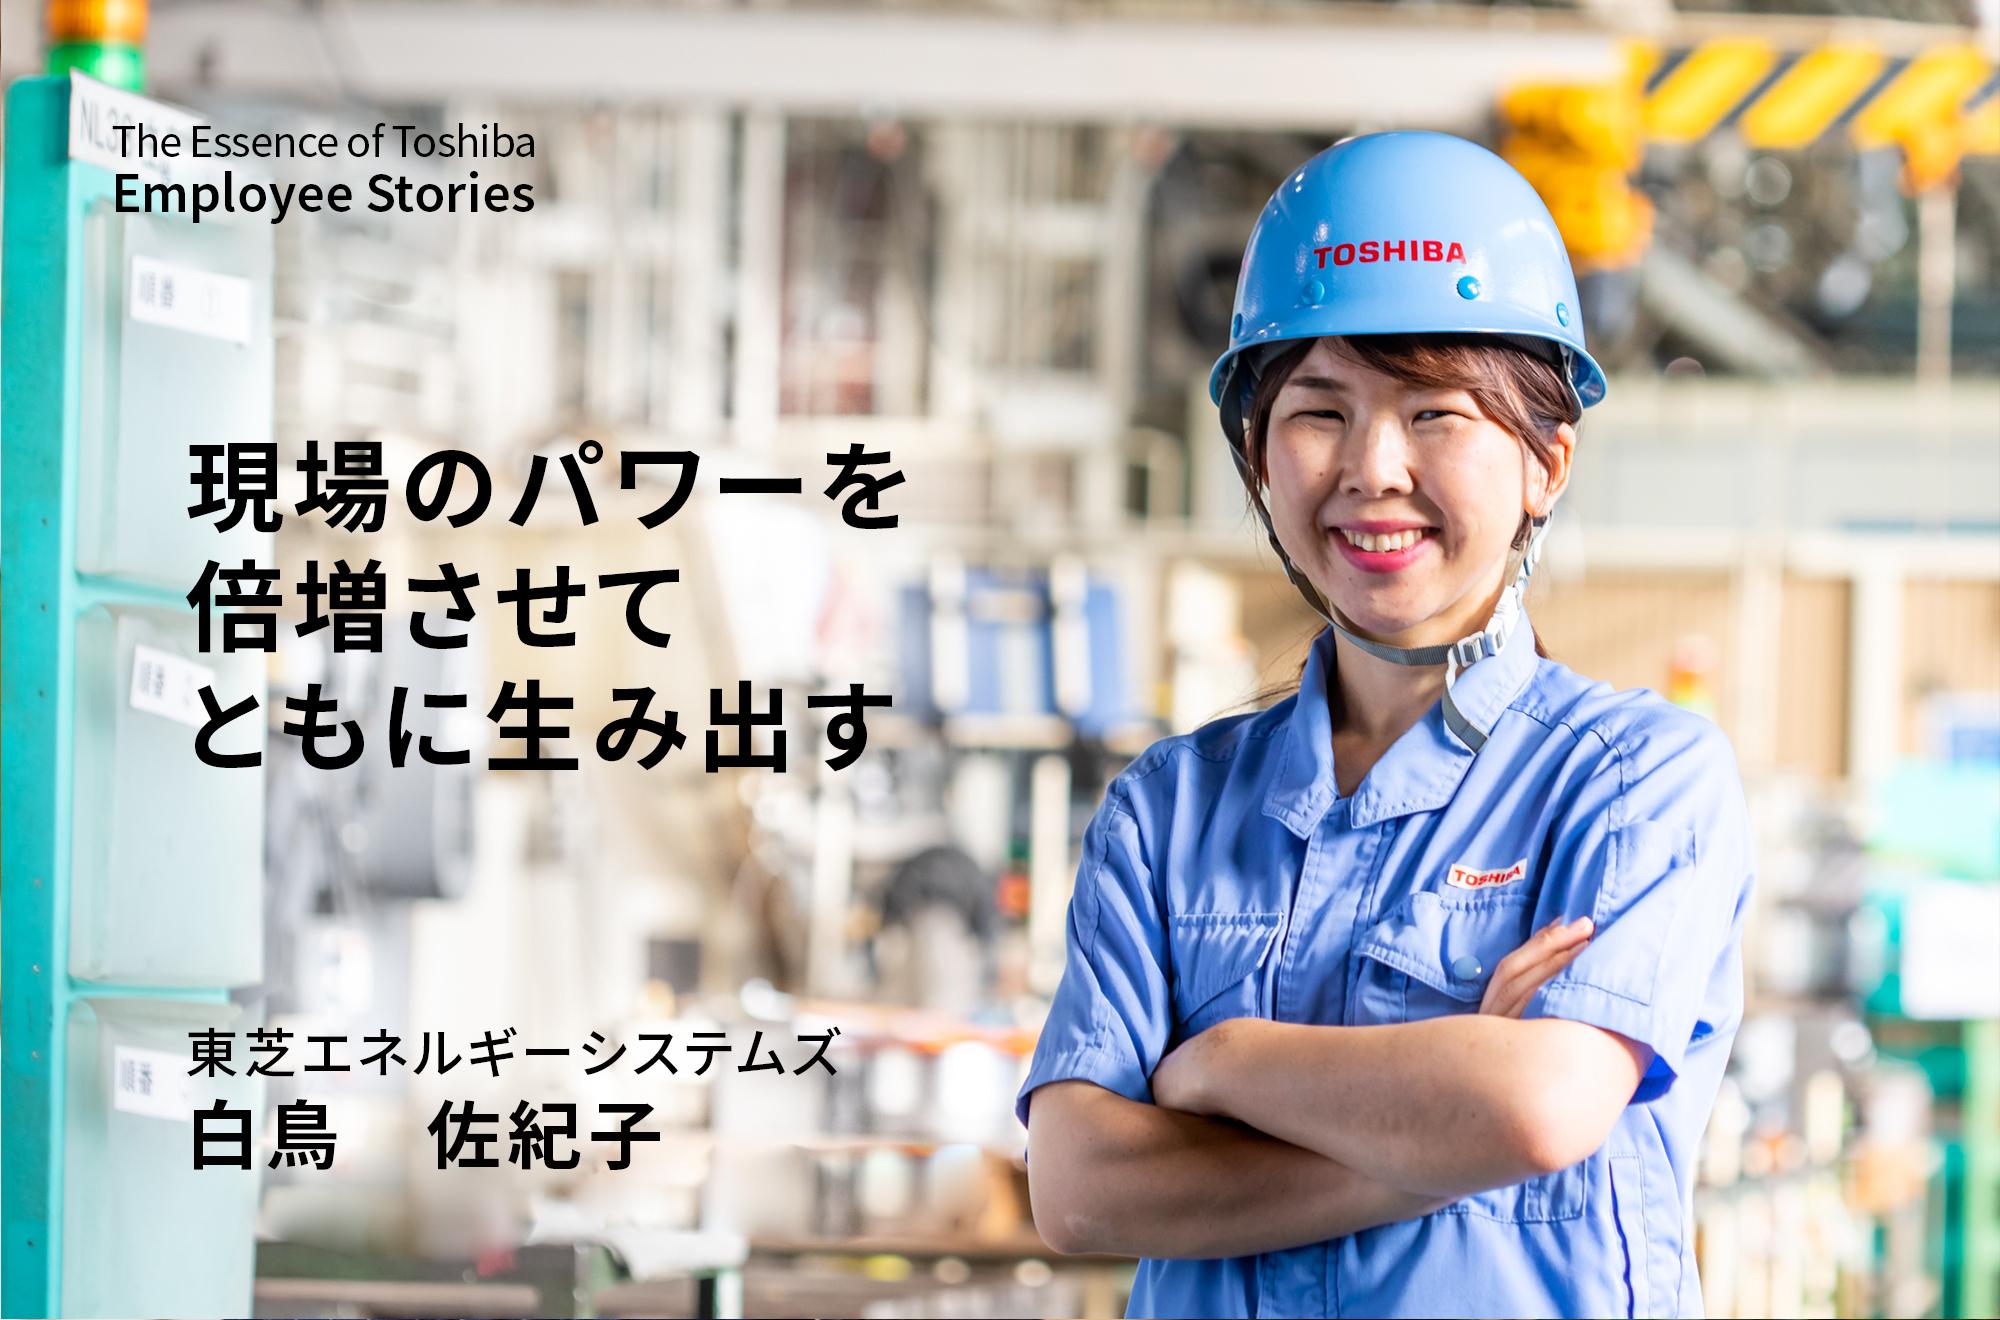 現場のパワーを倍増させて、ともに生み出す ~理念ストーリー We are Toshiba~